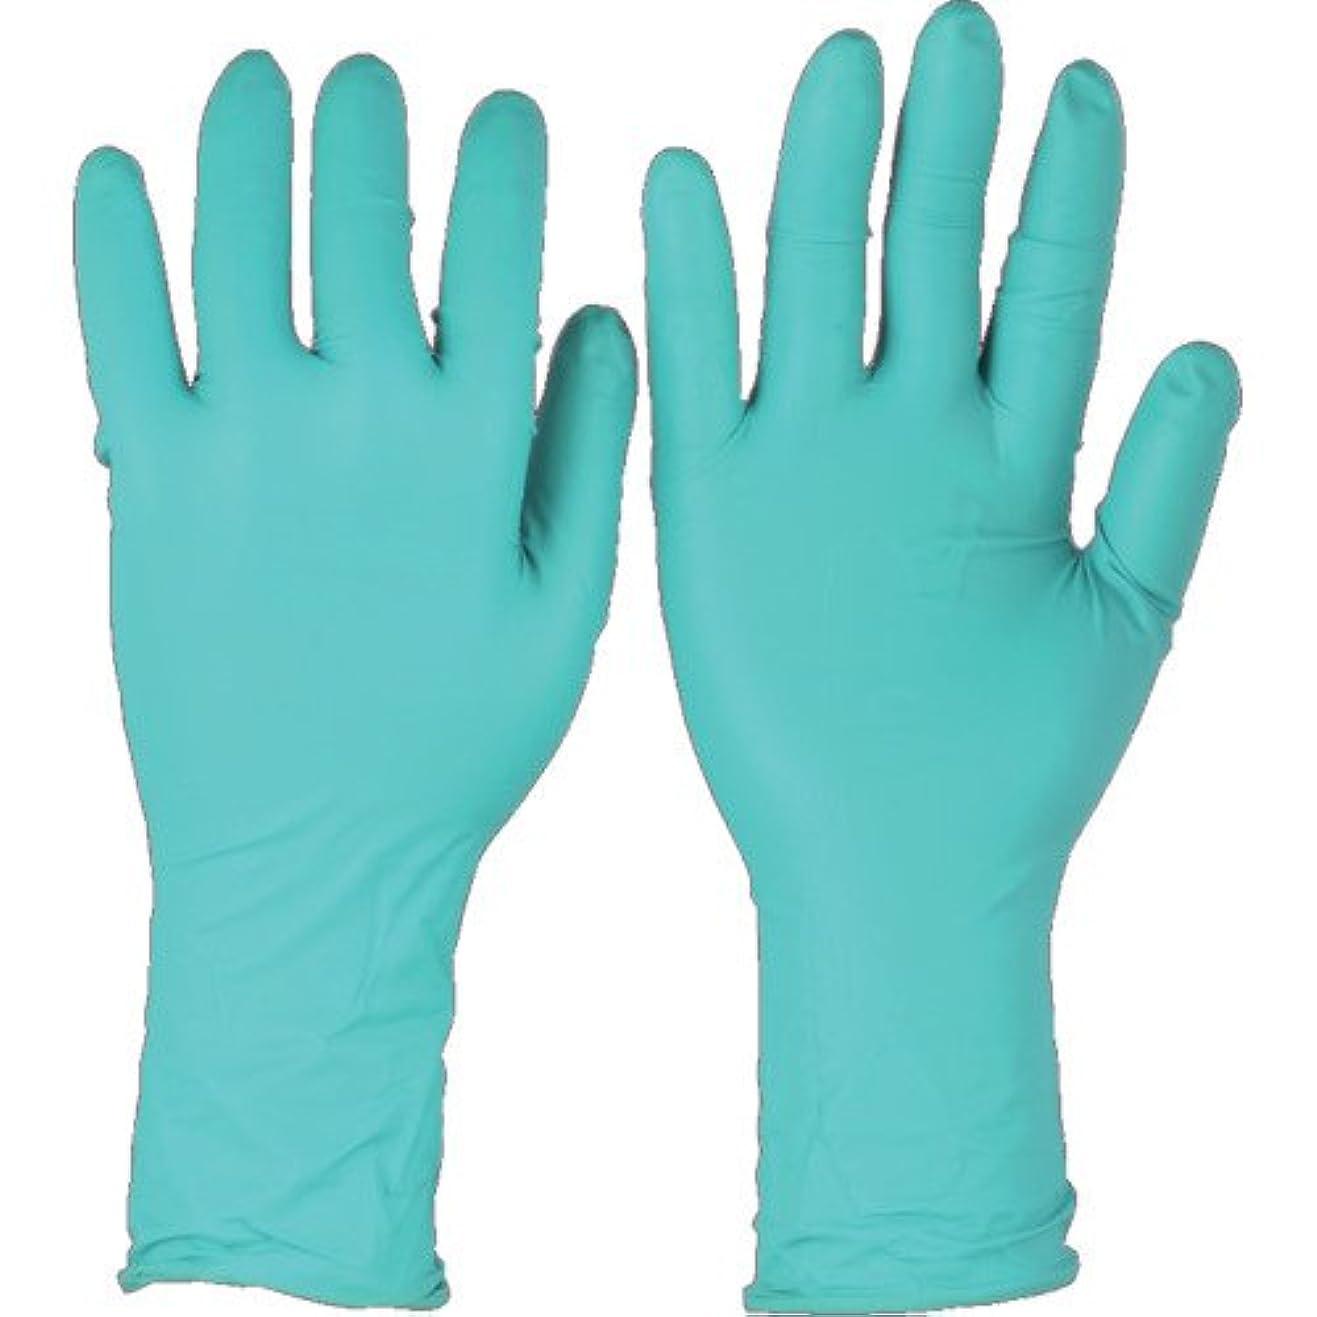 日食反論者チャールズキージングトラスコ中山 アンセル ネオプレンゴム使い捨て手袋 マイクロフレックス 93-260 Mサイズ (50枚入)  932608